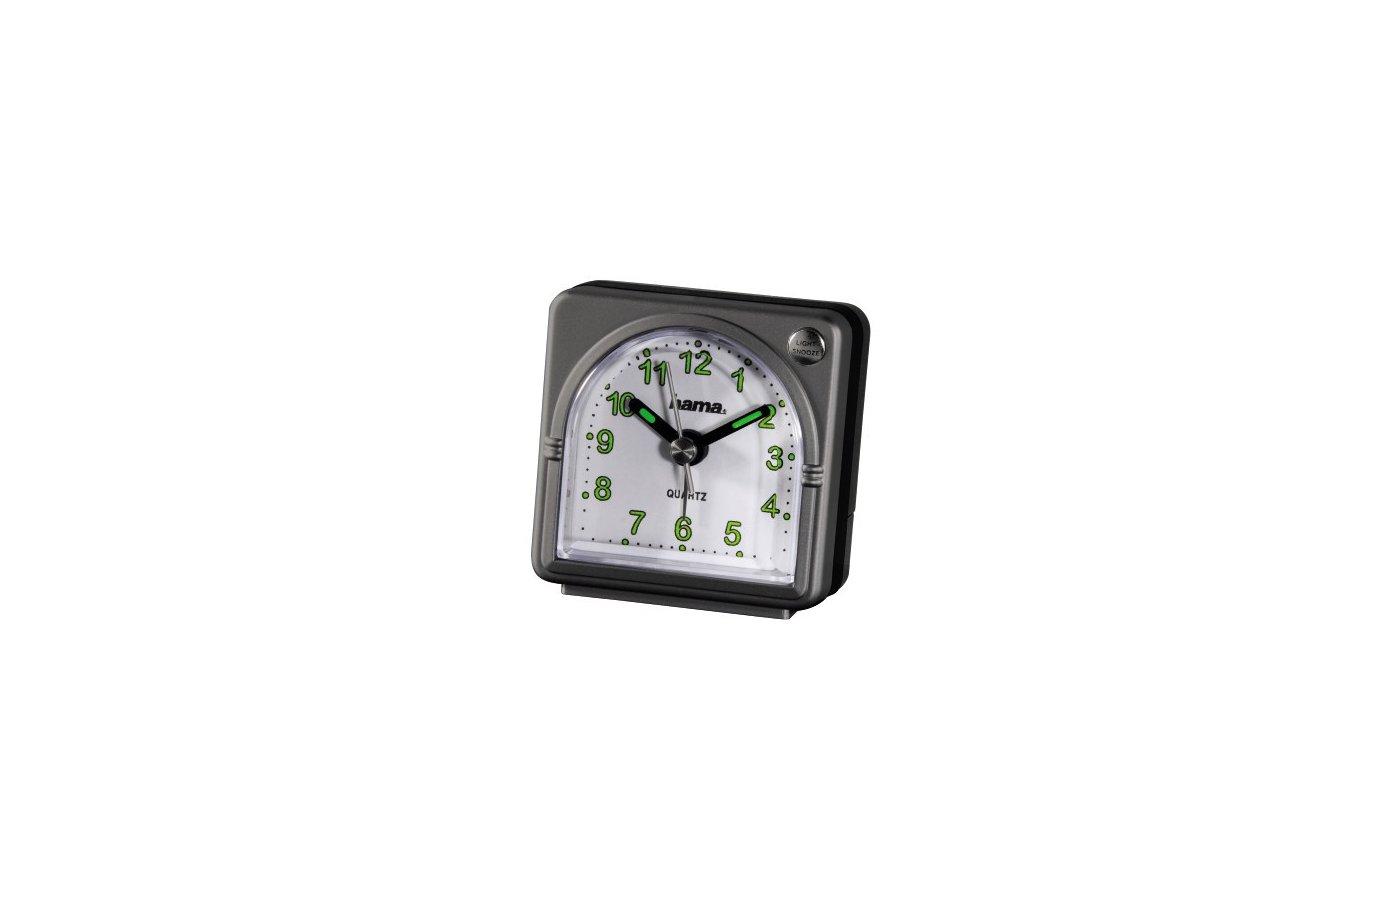 Будильник Hama H-92644 дорожный аналоговый A20 подсветка 47 г пластик серый